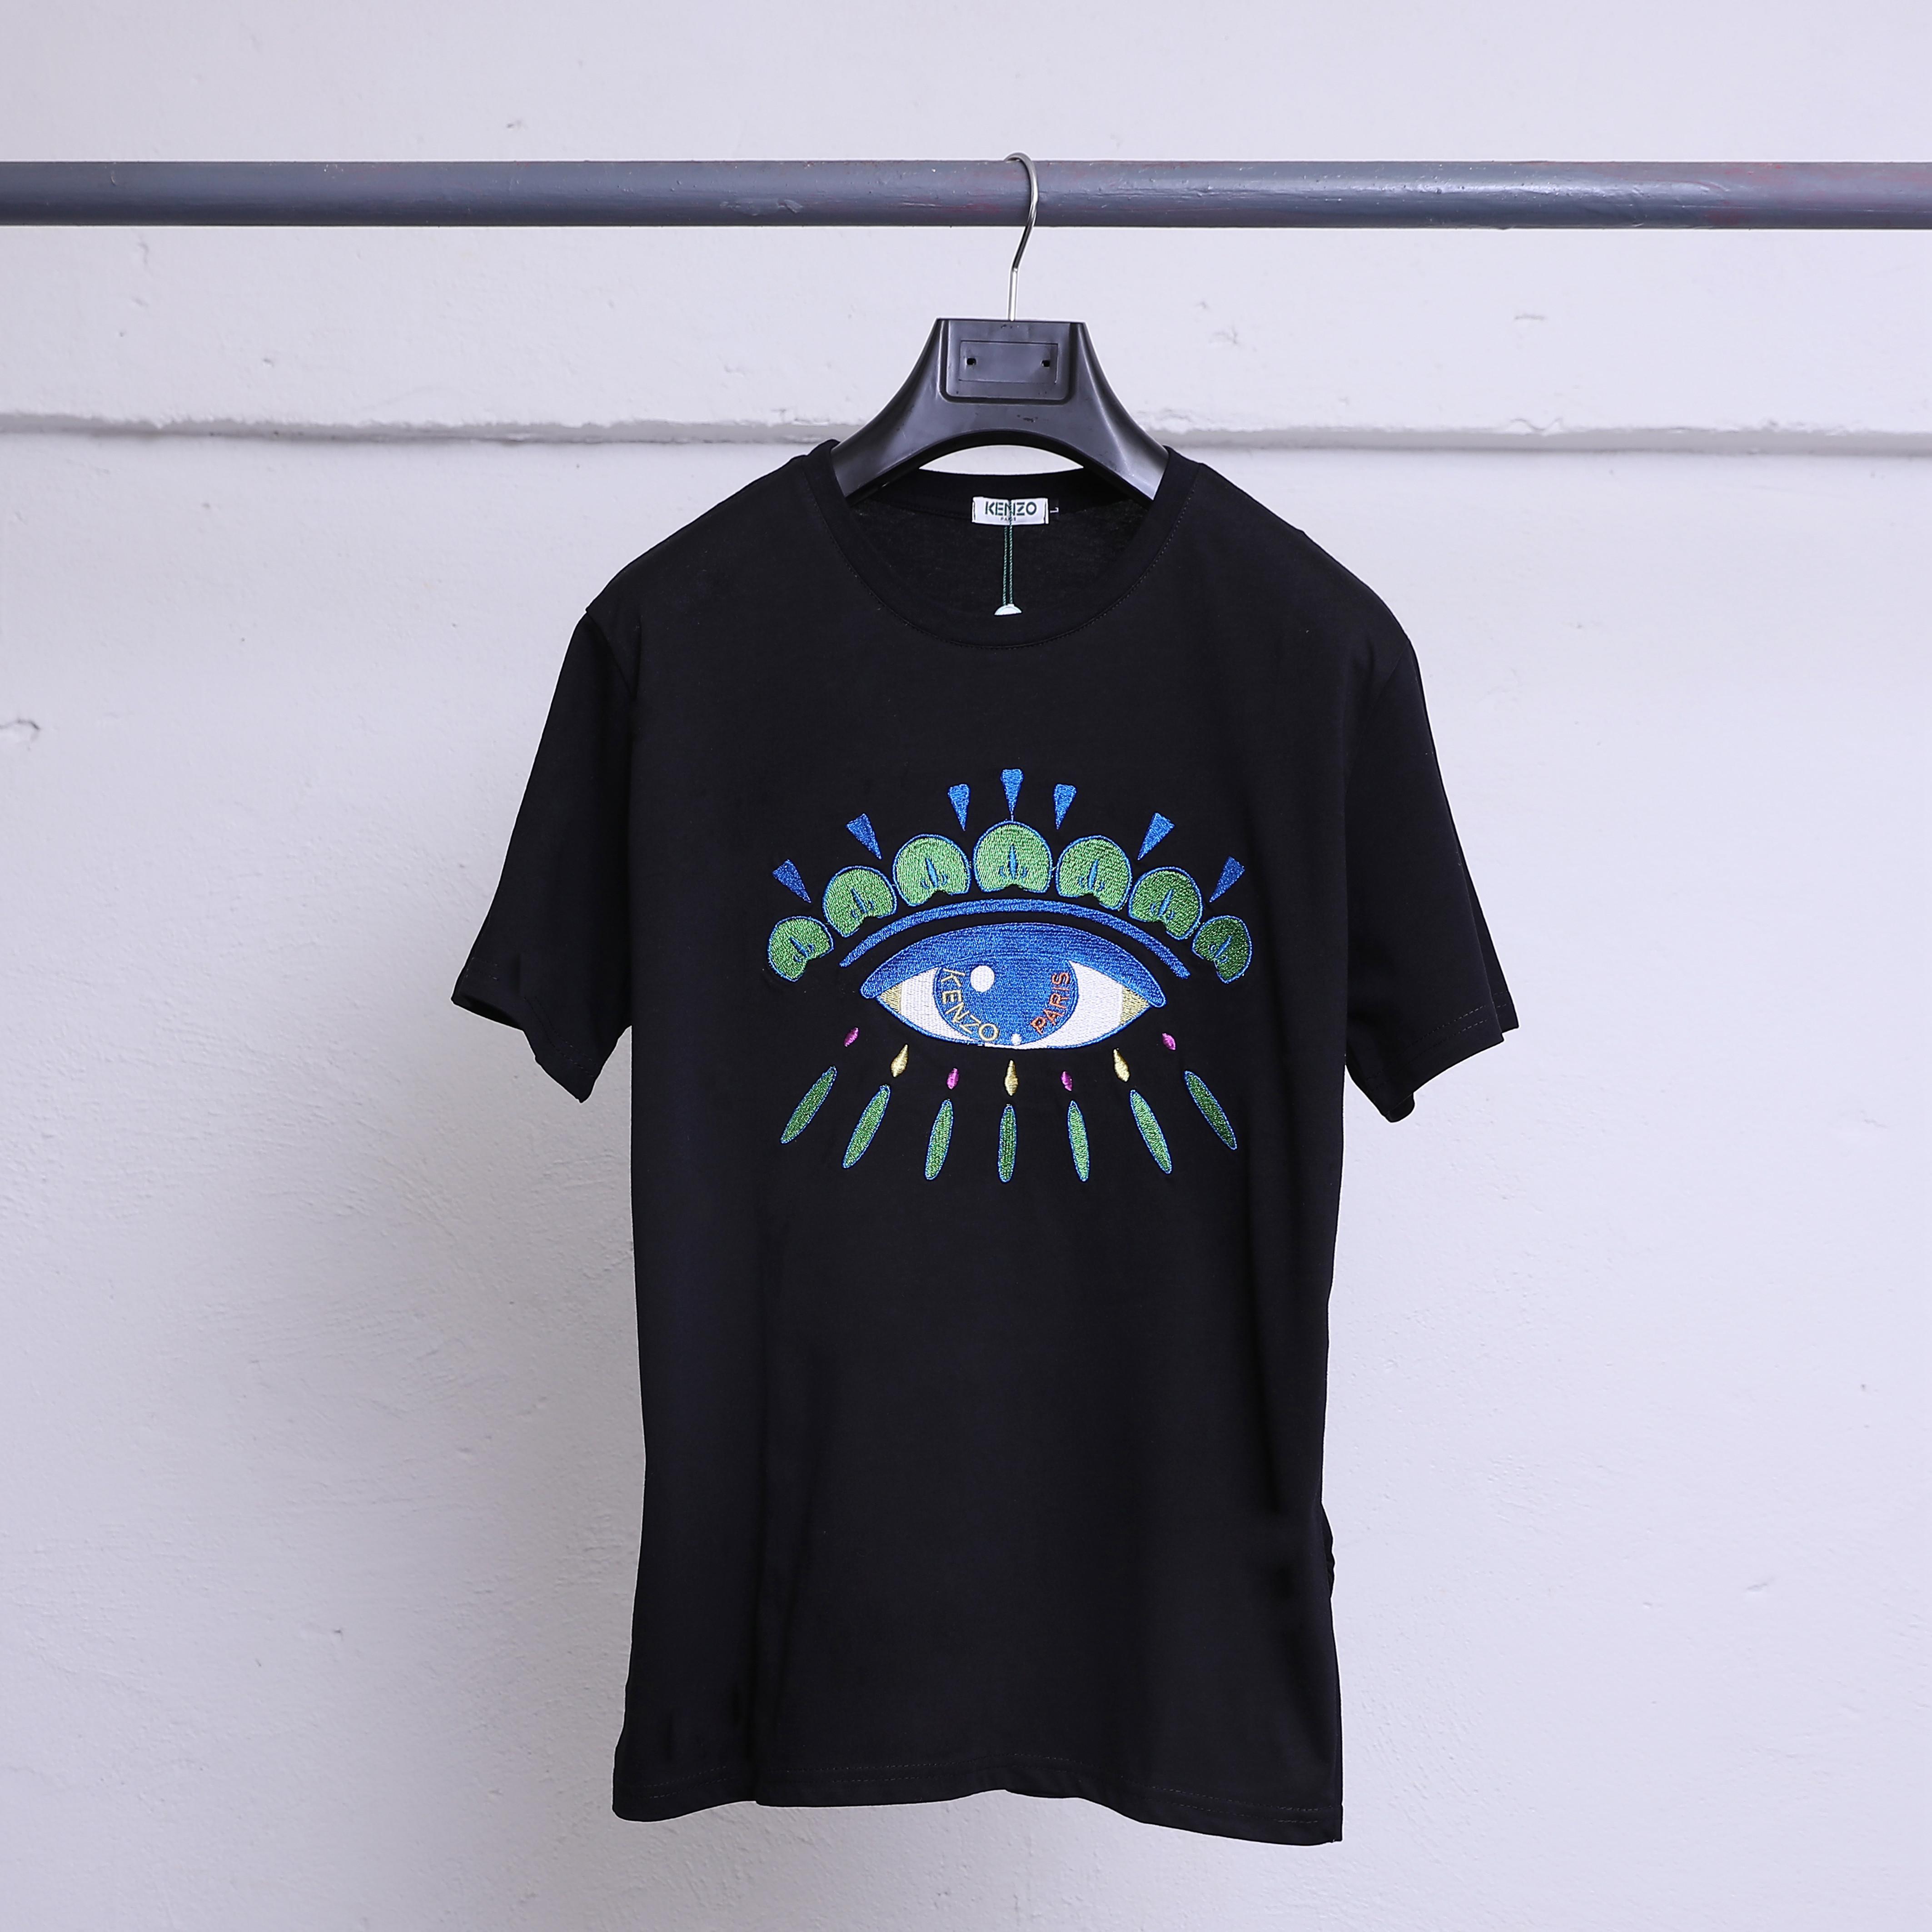 Neu Herren Damen BRANDT-Shirts designer Luxus Shirts Straße Hiphop T Shirts Sommer-Muster mit kurzen Ärmeln Sweatshirts B105574L